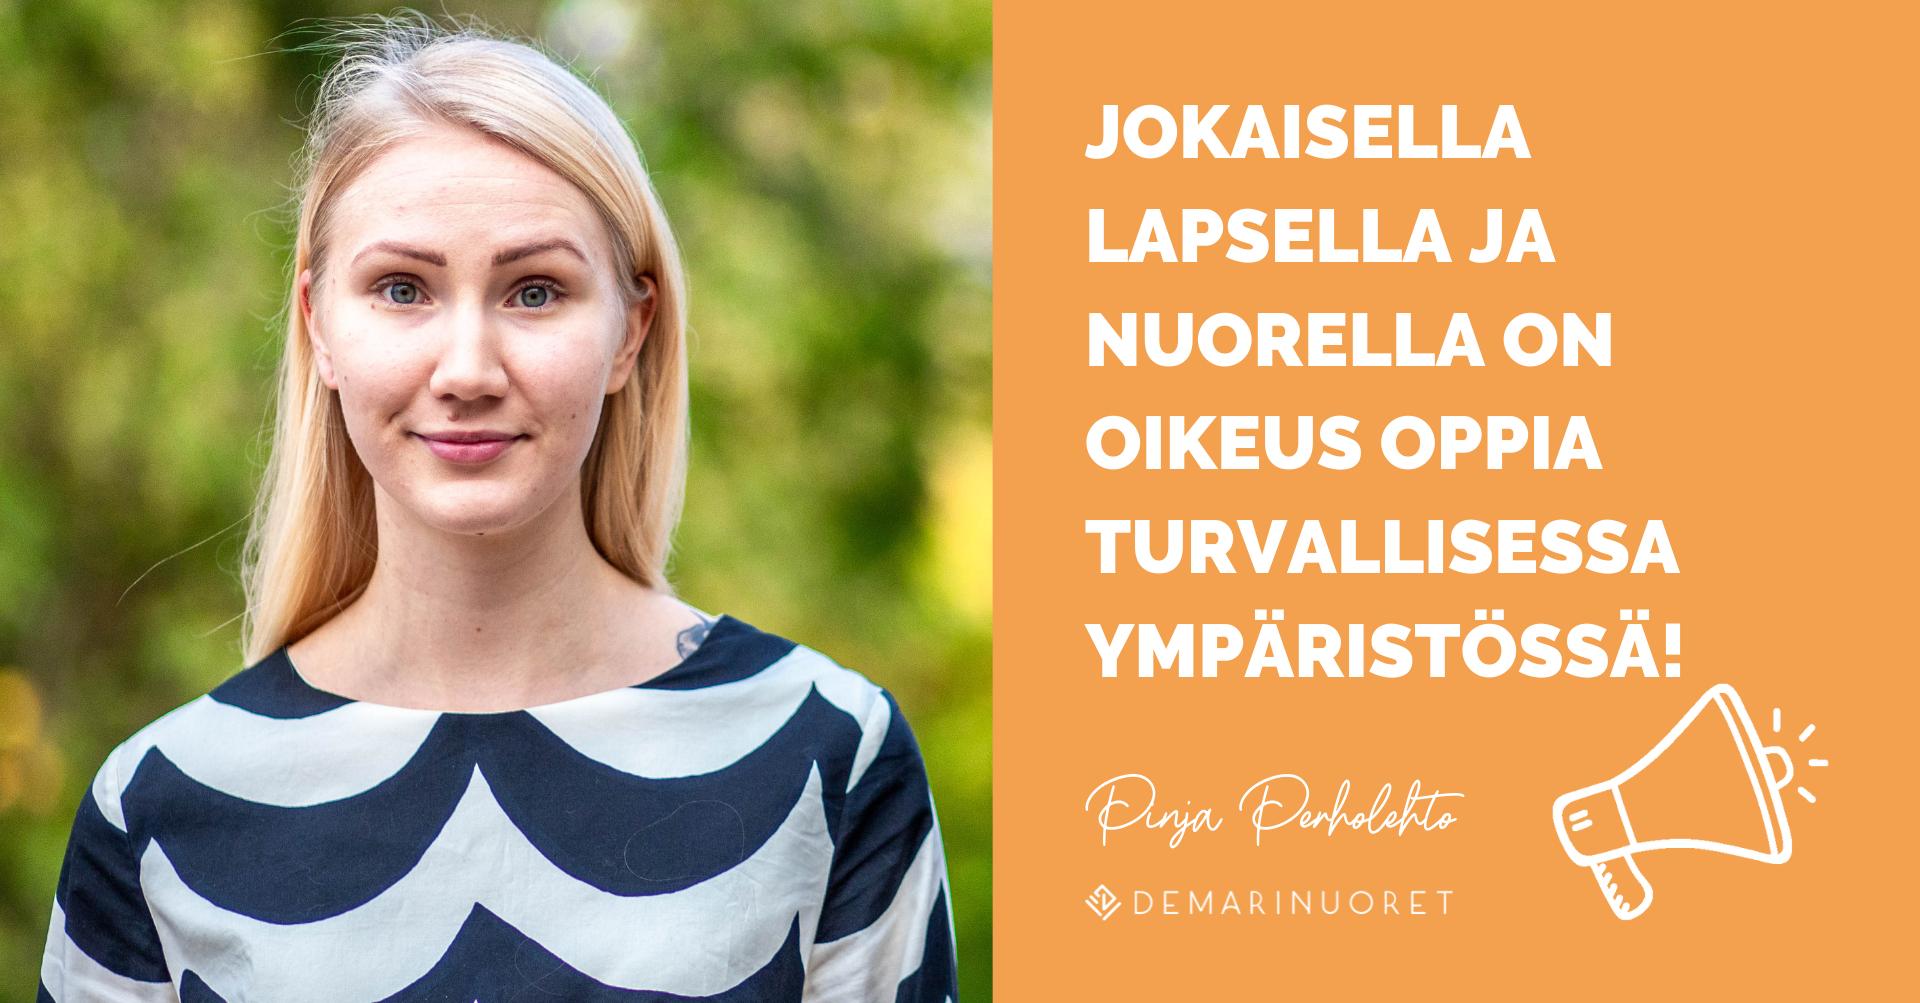 """Puheenjohtaja Pinja Perholehdon vieressä lukee teksti """"Jokaisella lapsella ja nuorella on oikeus oppia turvallisessa ympäristössä"""""""